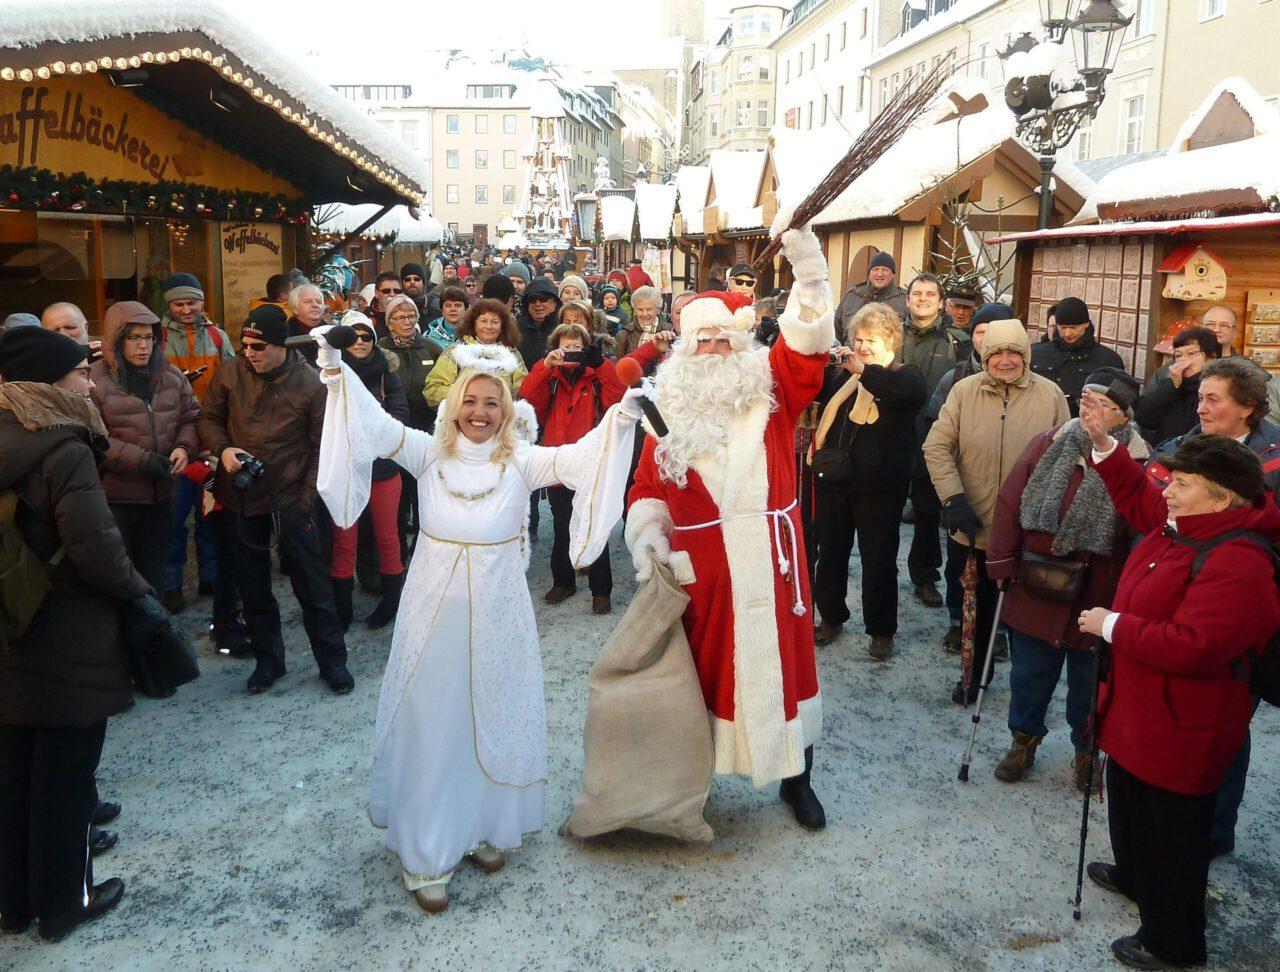 Original Knecht Ruprecht Weihnachtsengel scaled e1595311493126